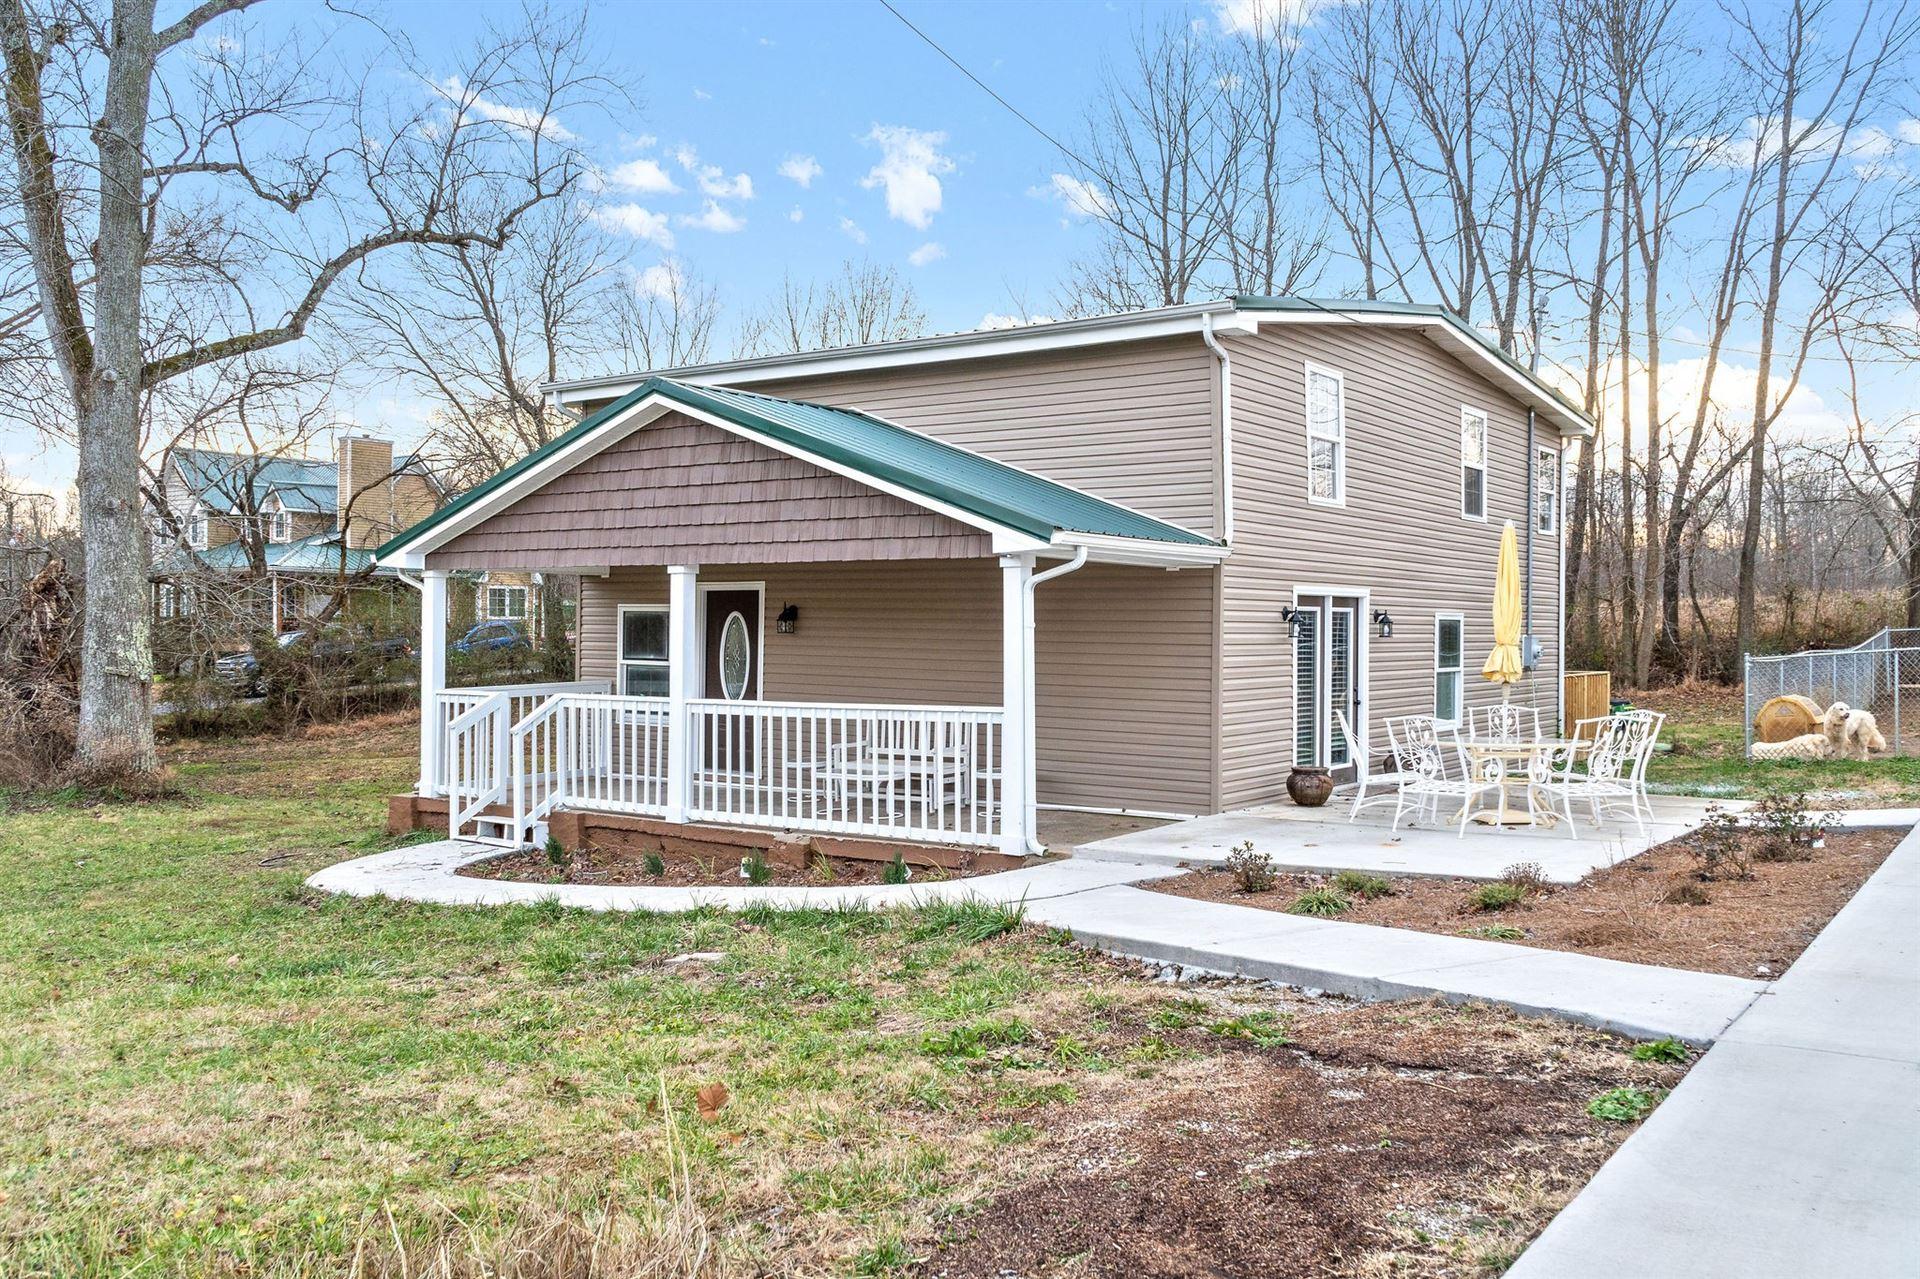 2618 Cooper Creek Rd, Woodlawn, TN 37191 - MLS#: 2219254